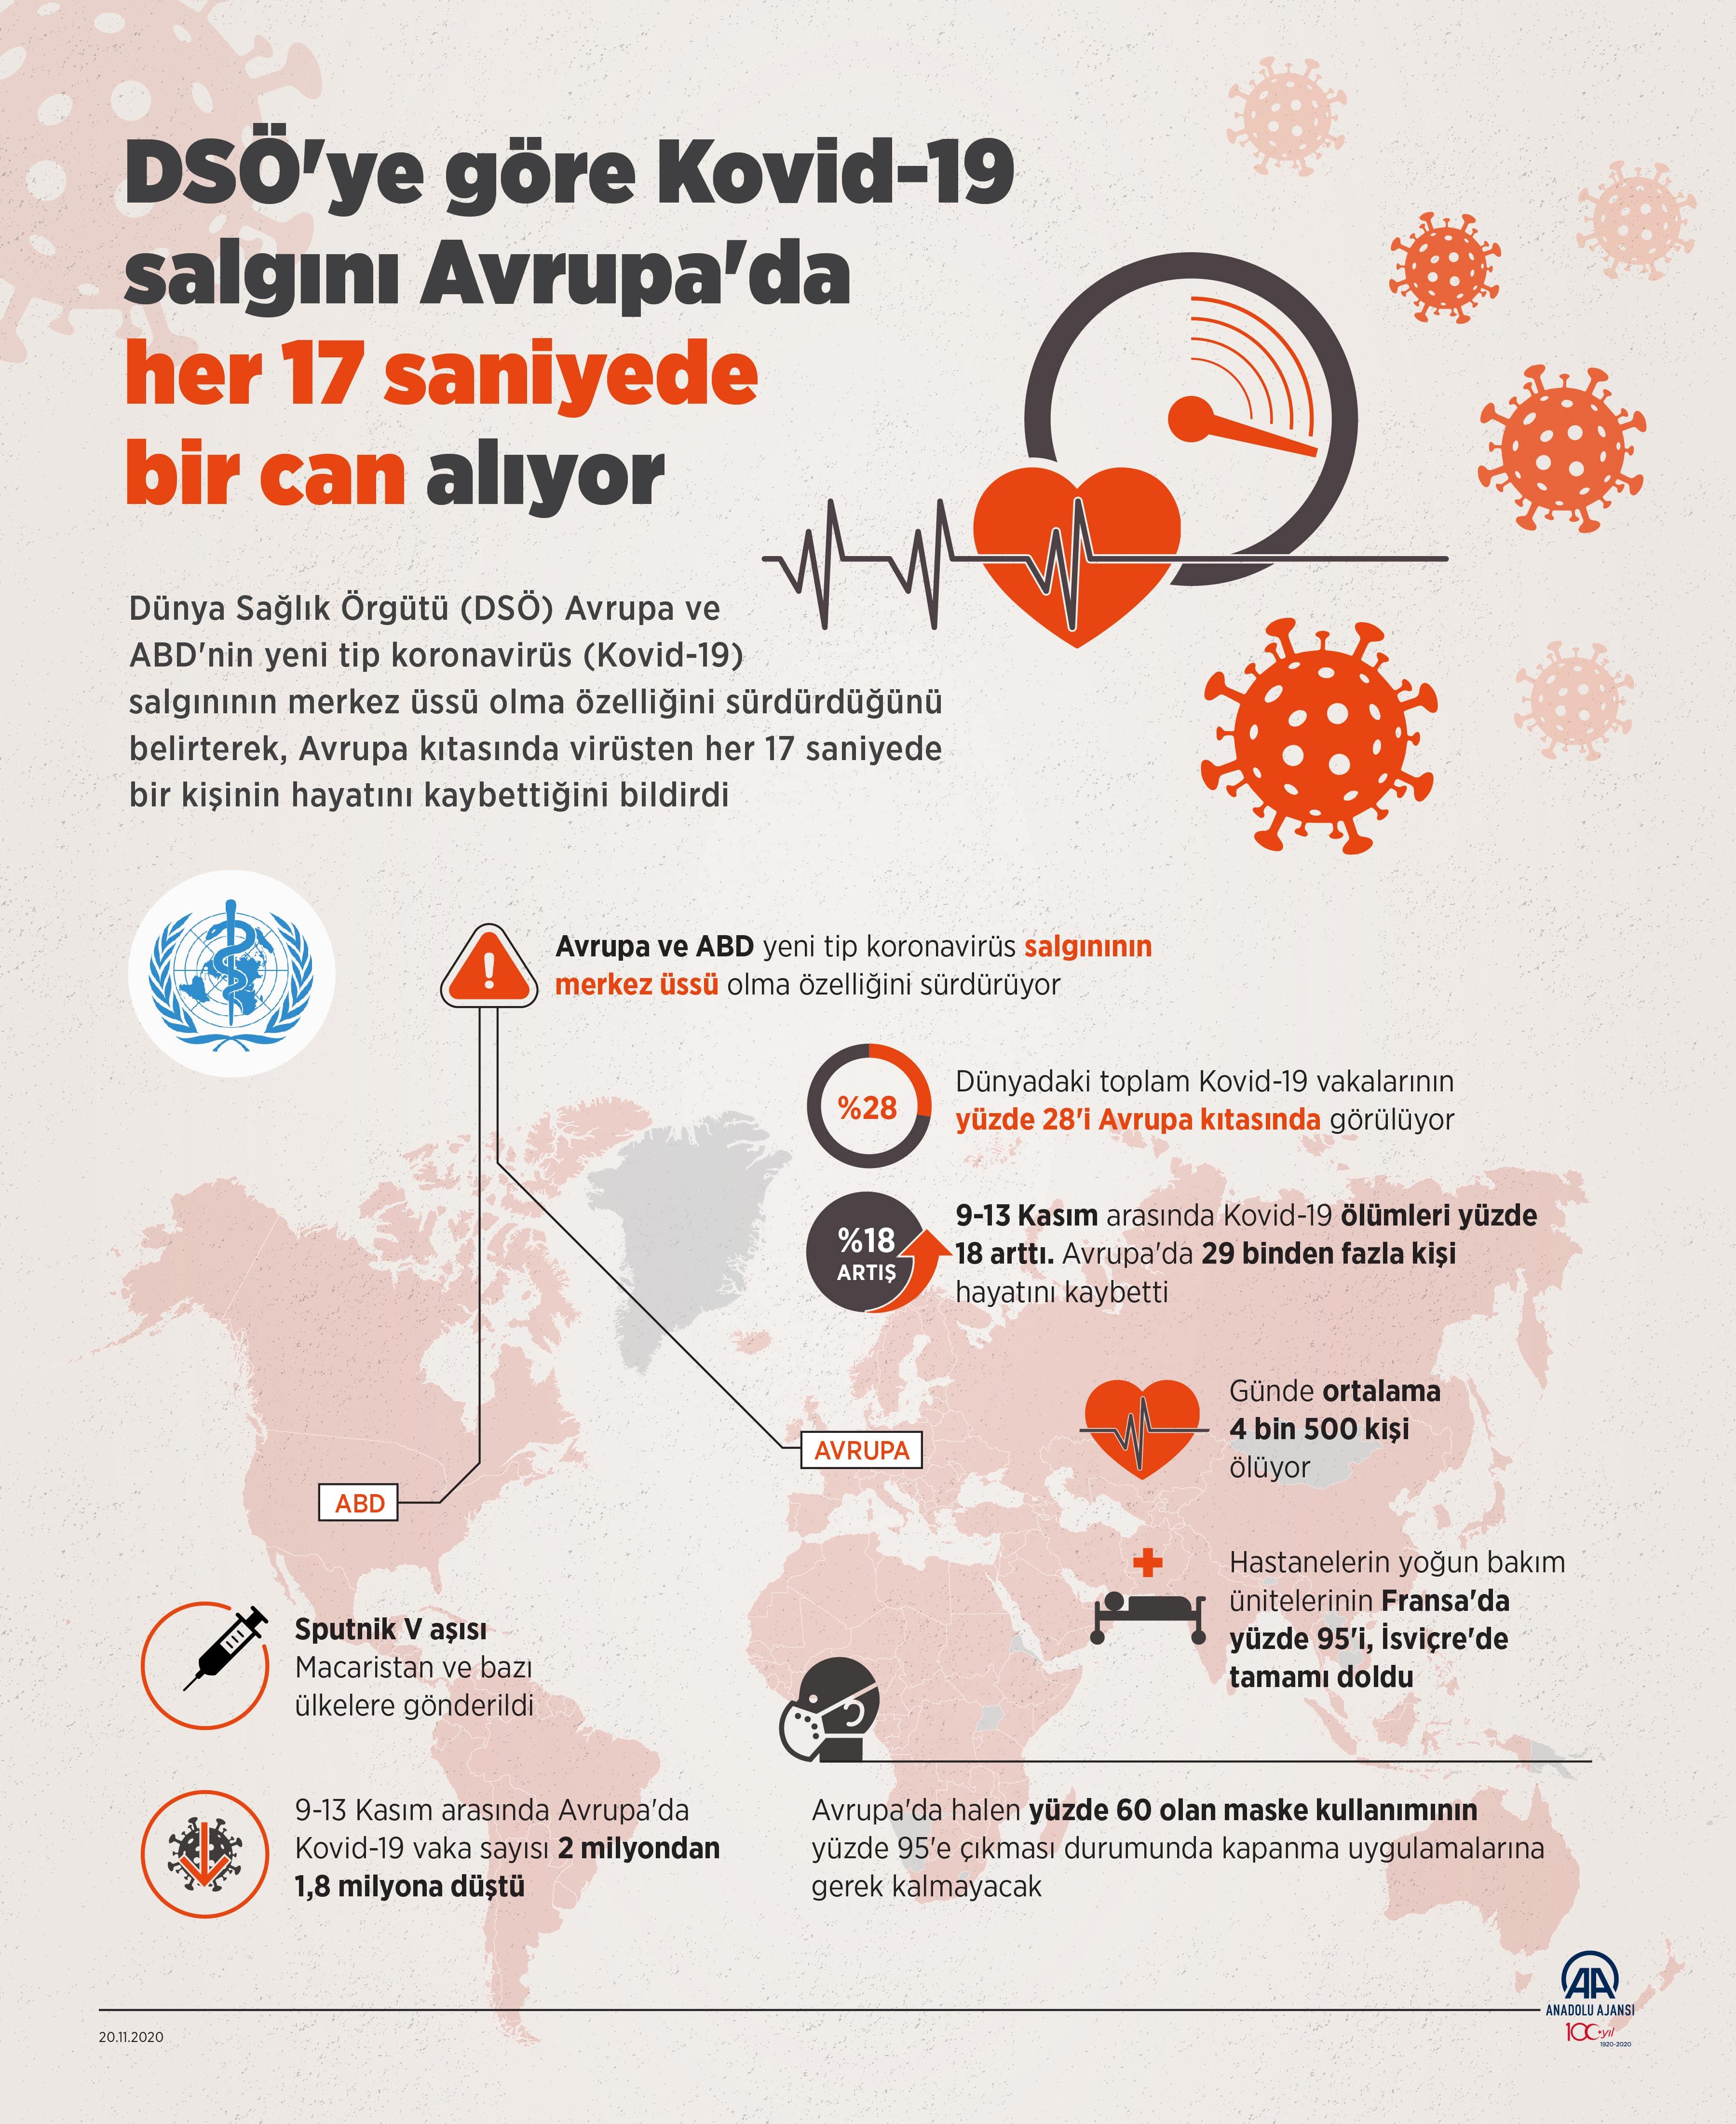 Son dakika haberi: 20 Kasım Cuma Türkiye Günlük Koronavirüs Tablosu |Koronavirüs vaka sayısı, hasta sayısı kaç oldu?